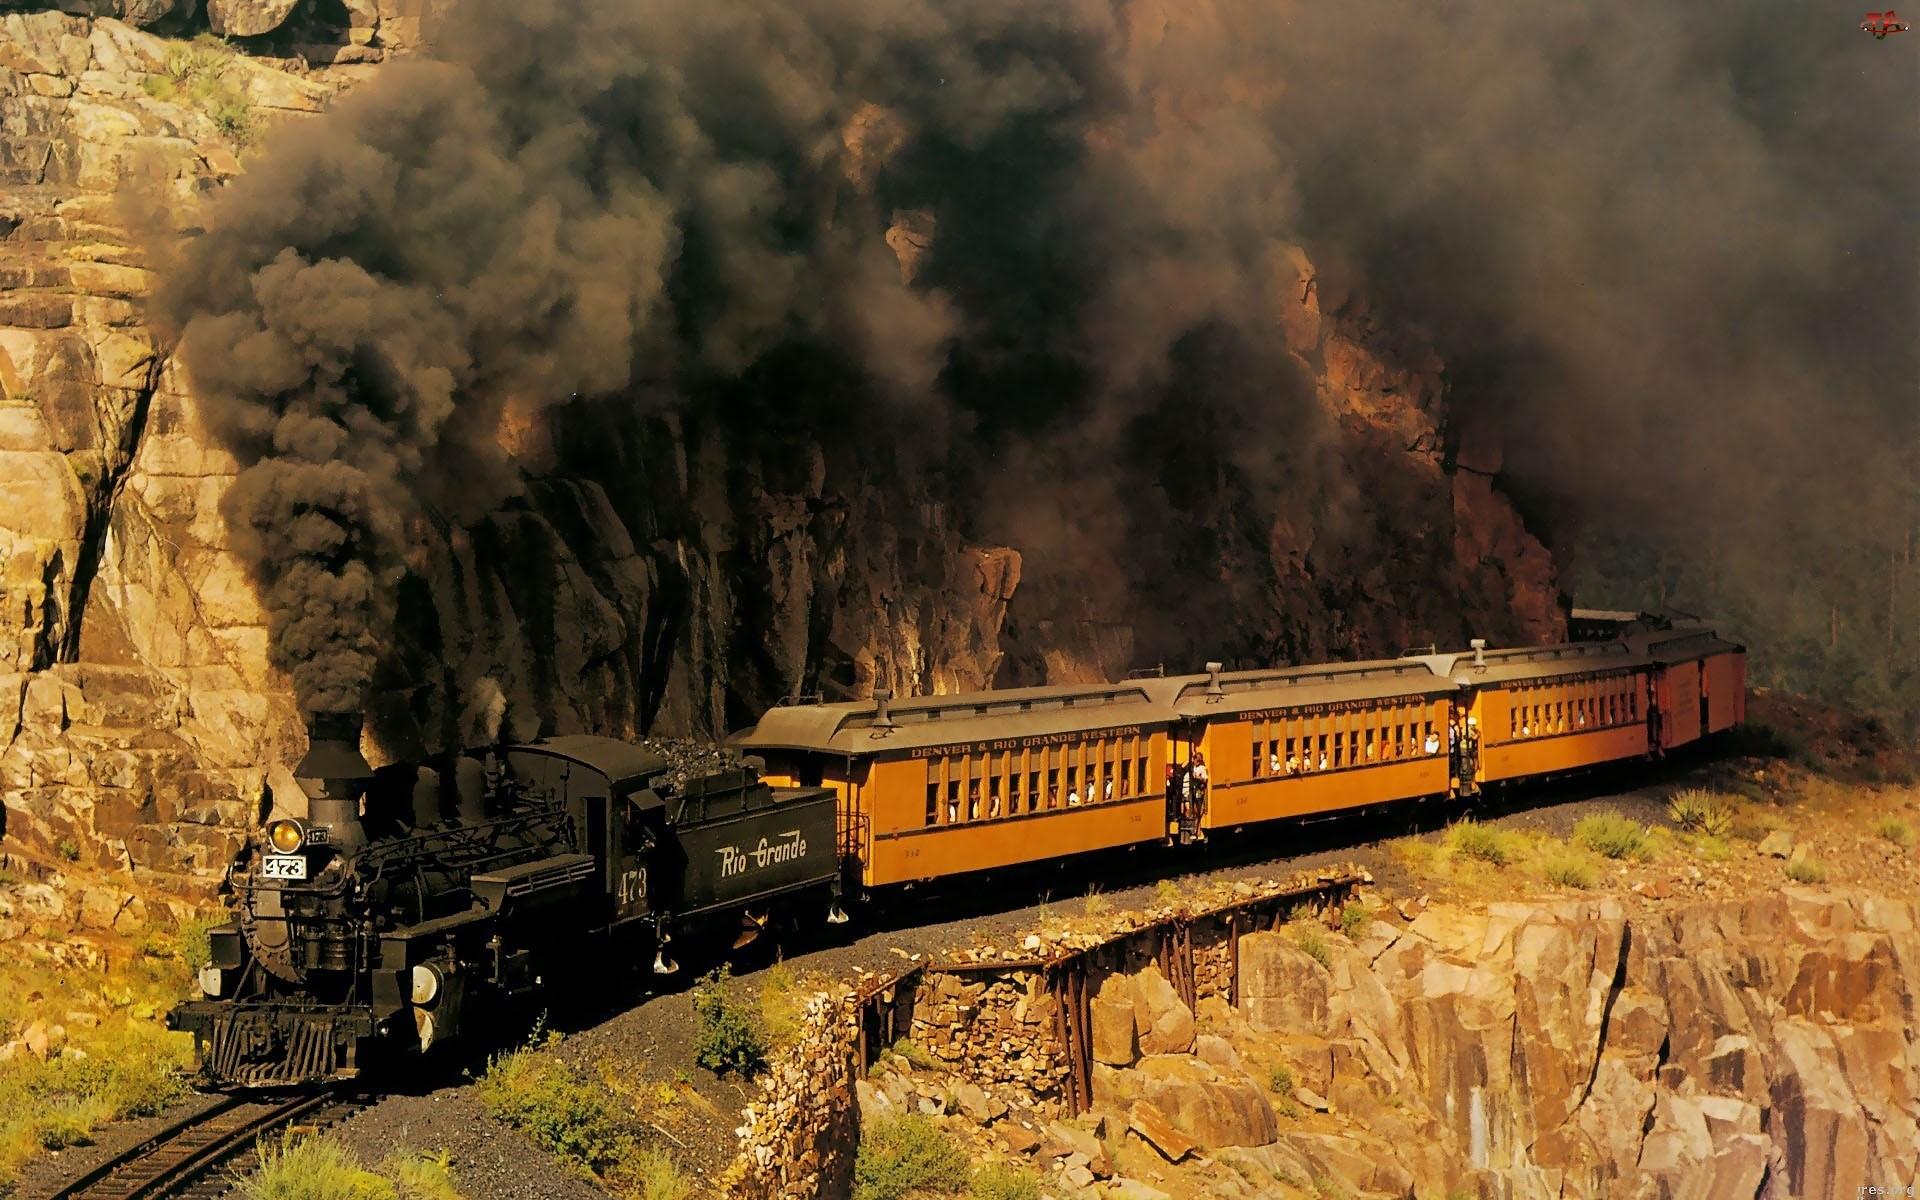 Pociąg, Węgiel, Czarny, Dym